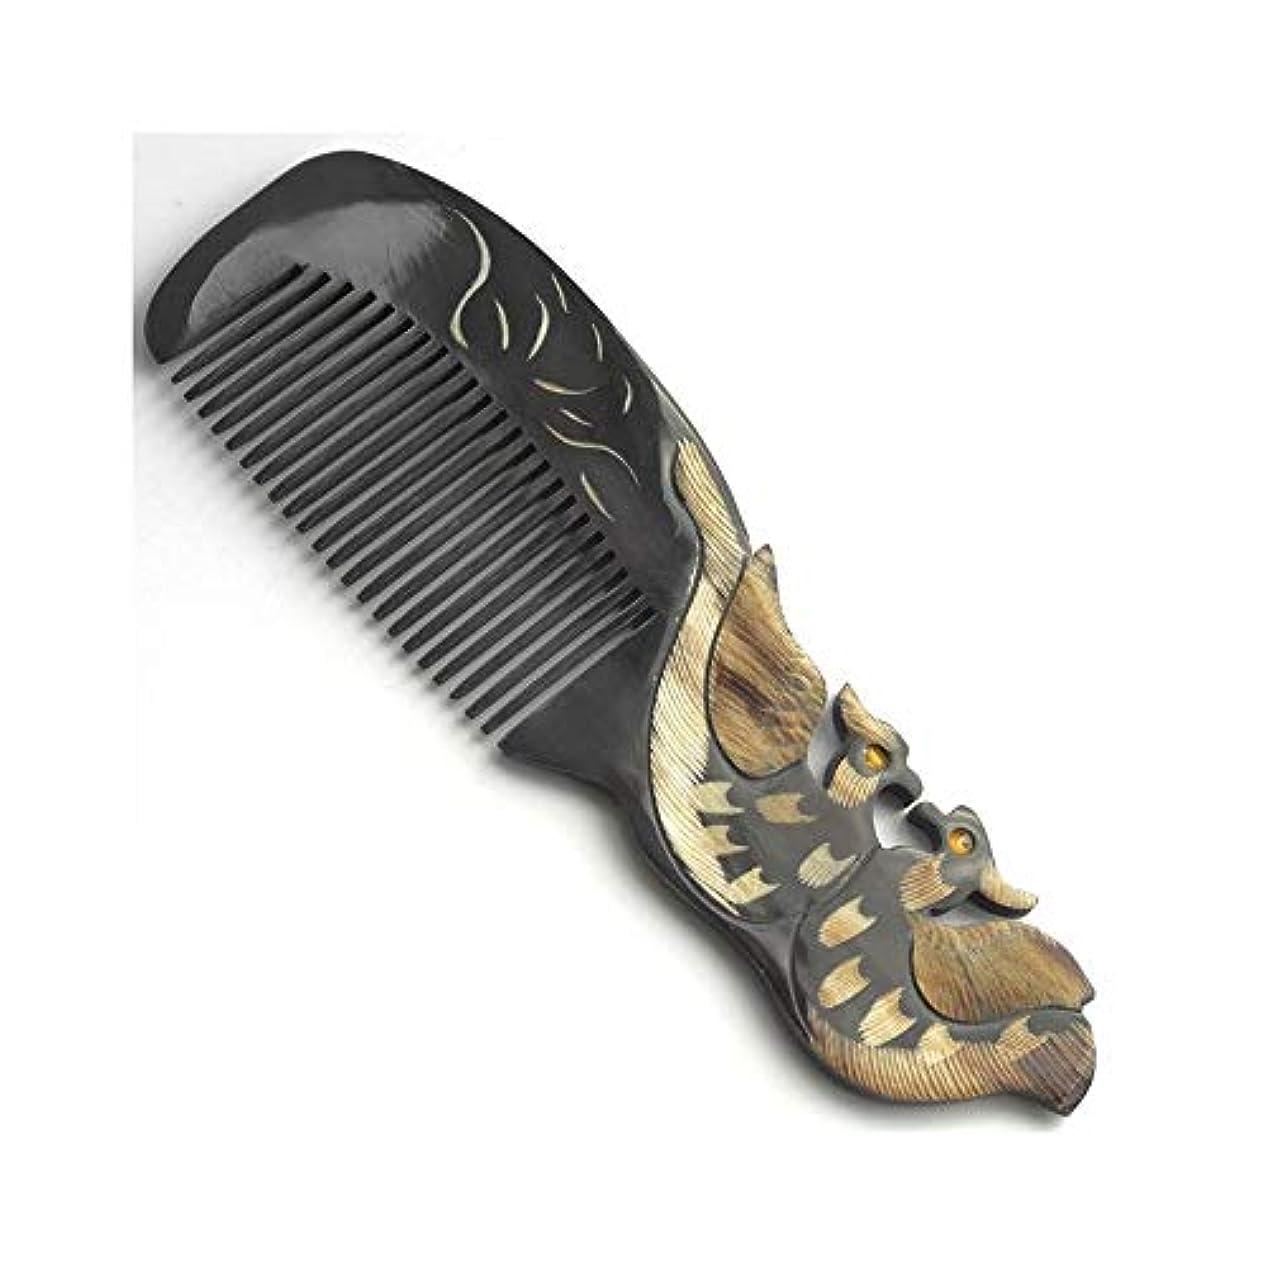 アルファベット一般化する保険をかけるヘアコーム理髪くし ブラックヘアコーム静的な木製ファイン歯のくし - ナチュラルバッファローホーン櫛のために女性と男性 ヘアスタイリングコーム (Color : 427)